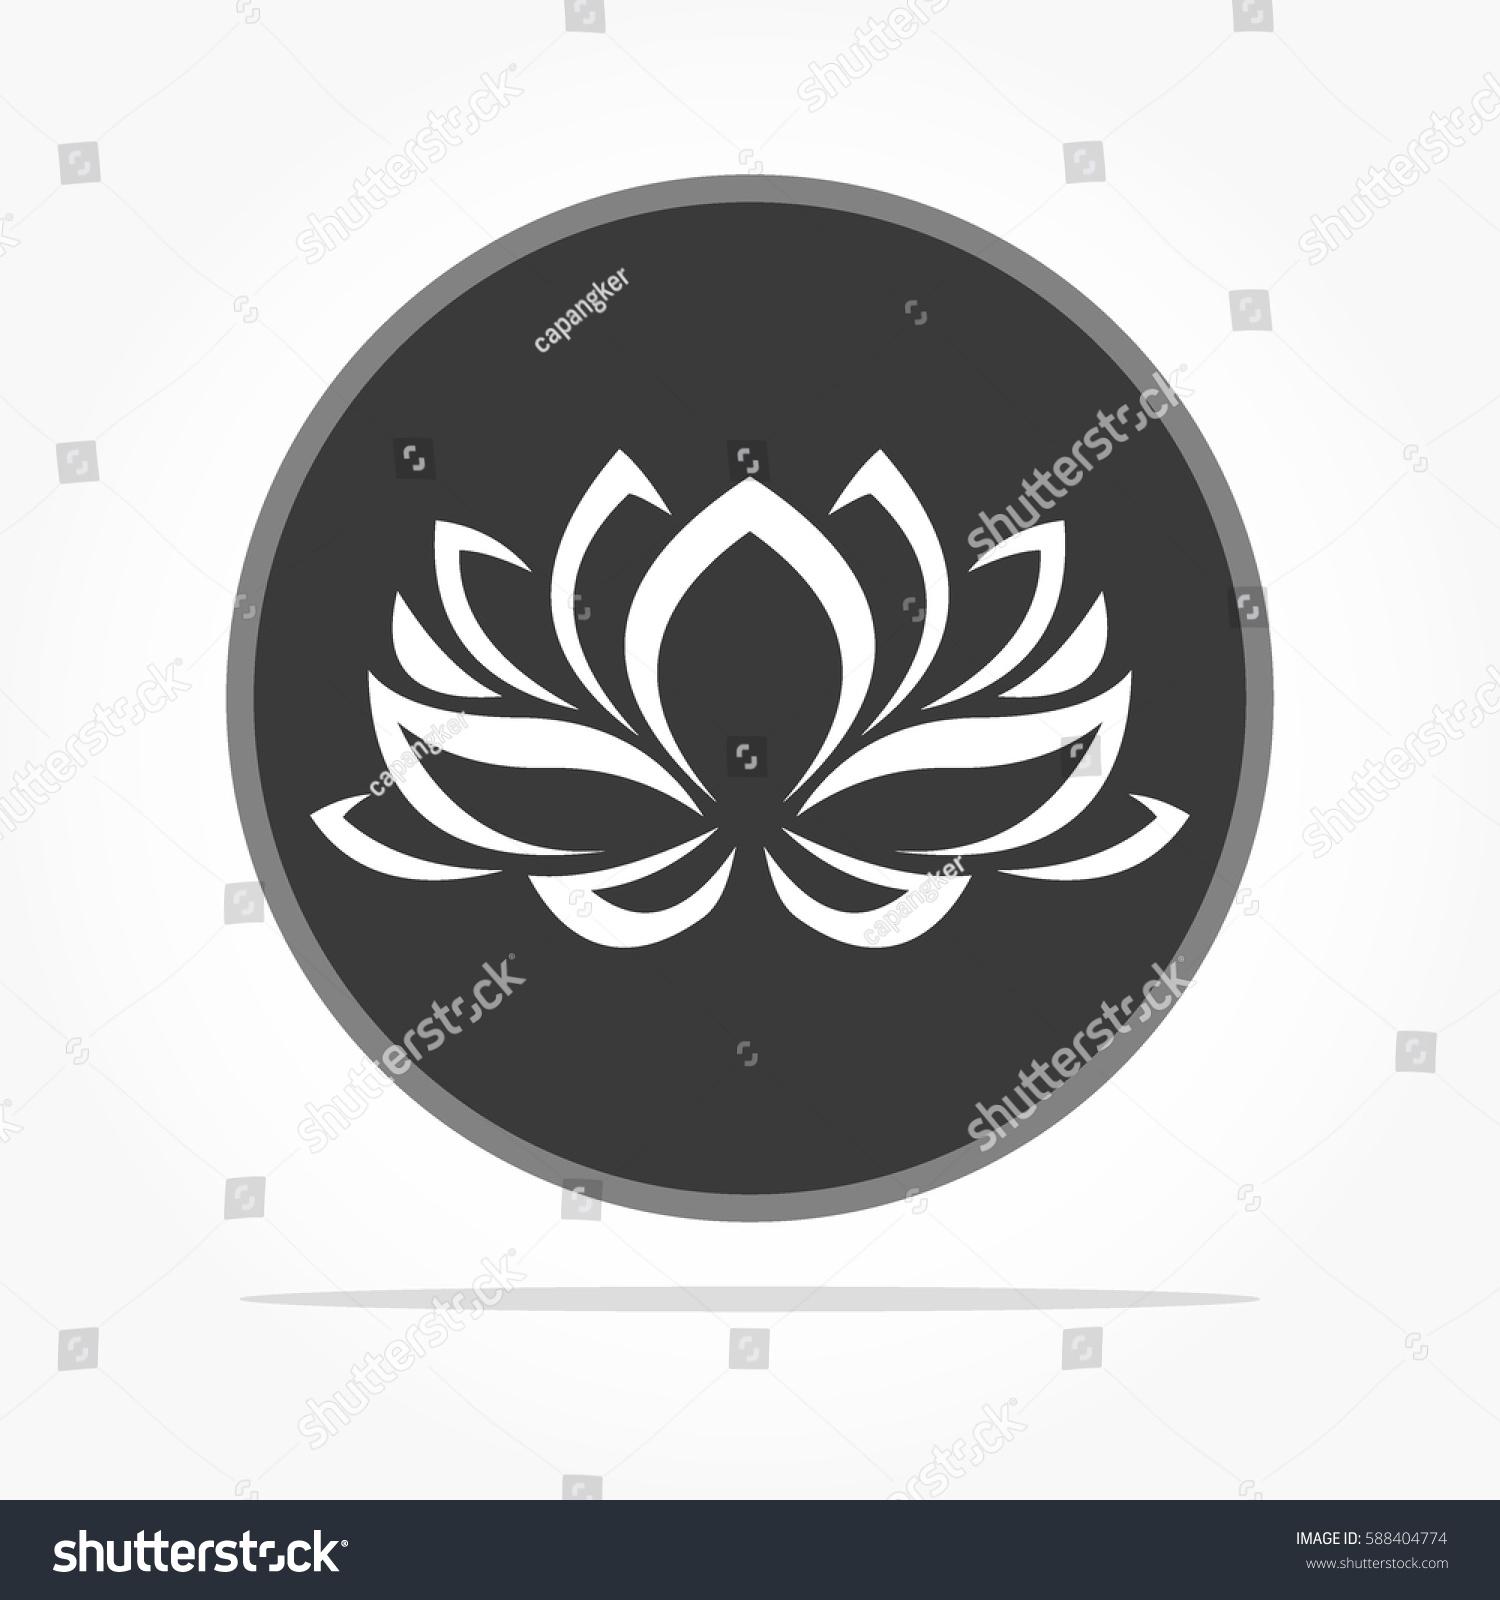 Flat Dark Grey Circle White Lotus Stock Vector Royalty Free